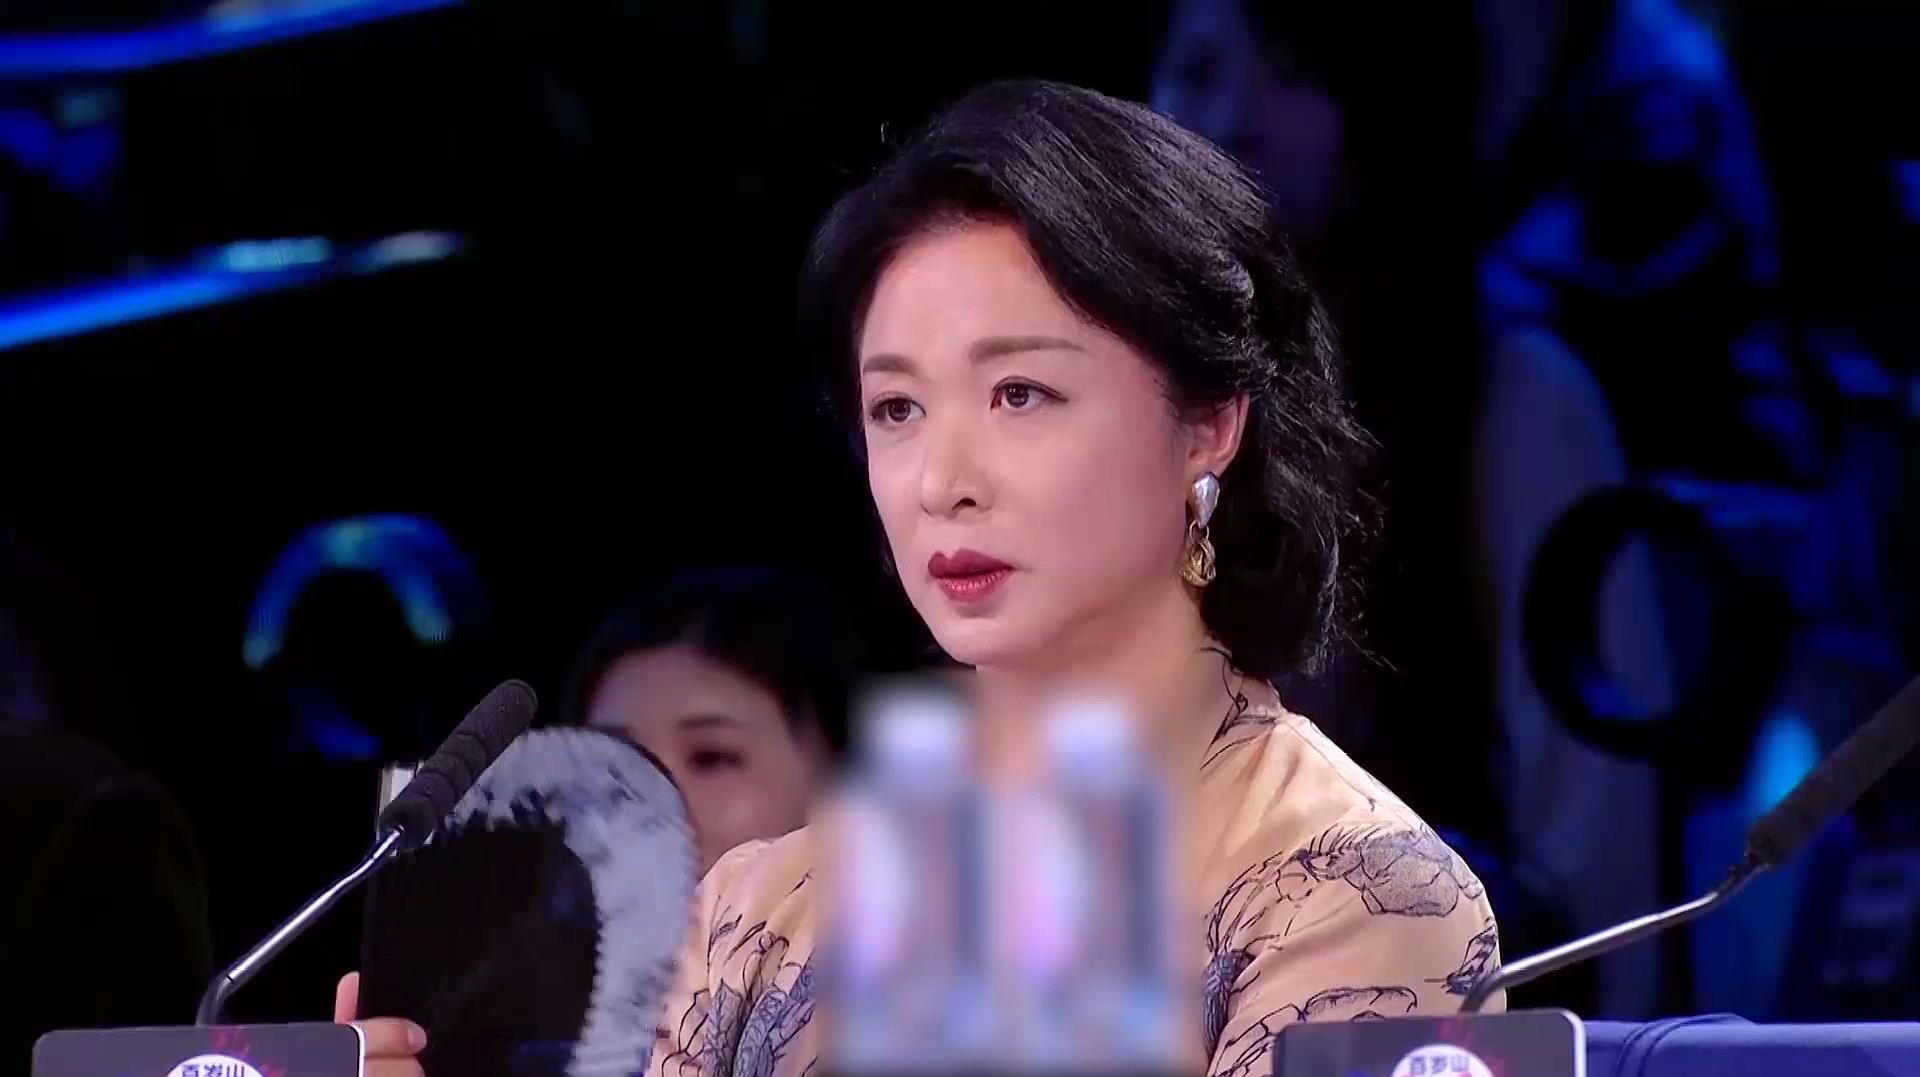 舞者:高颜值学霸演绎《鬓边不是海棠红》惊艳全场,获佟丽娅盛赞